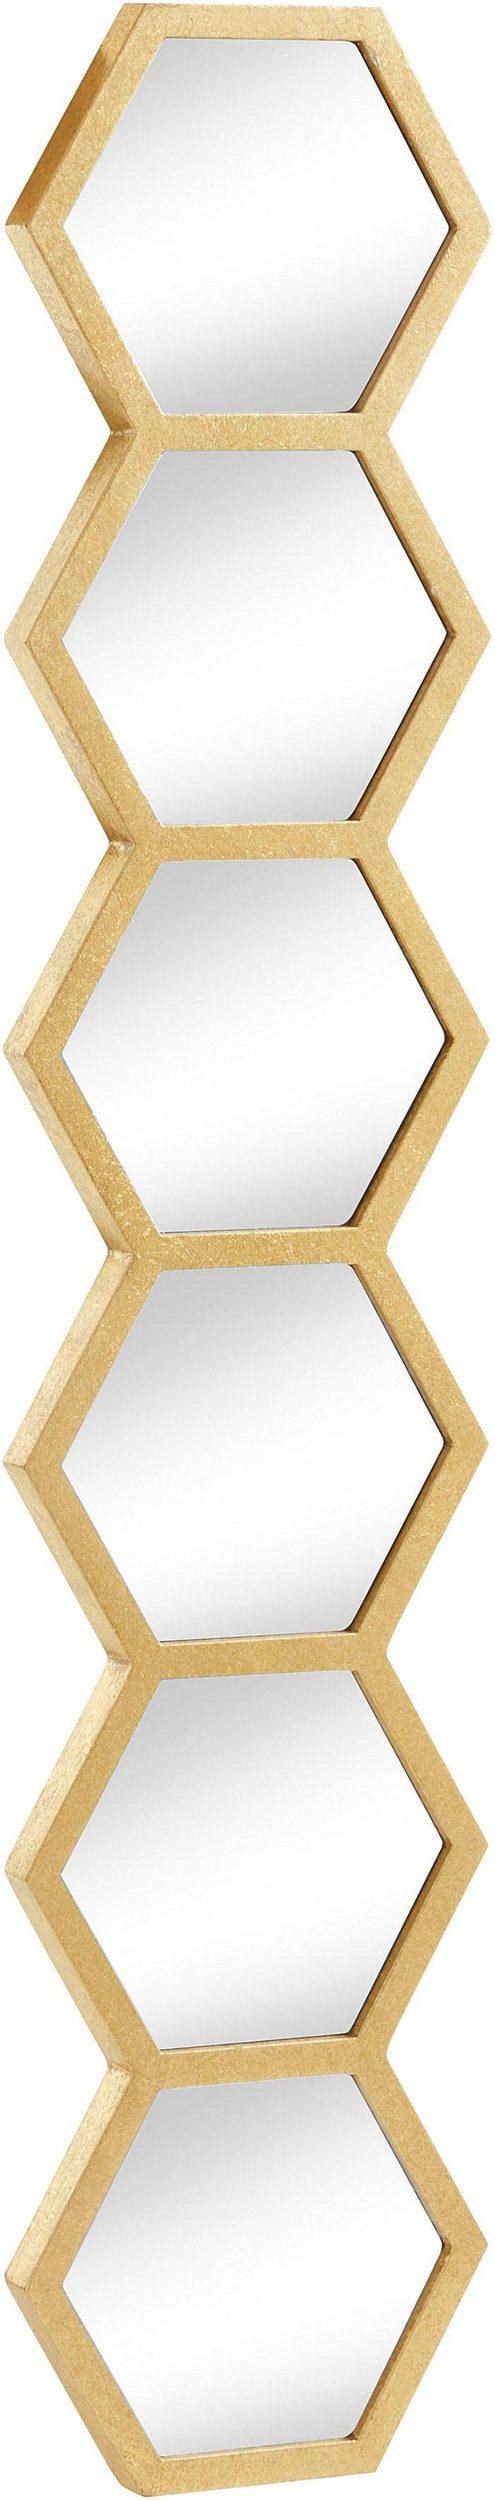 Złota dekoracja ścienna z elementami lustrzanymi